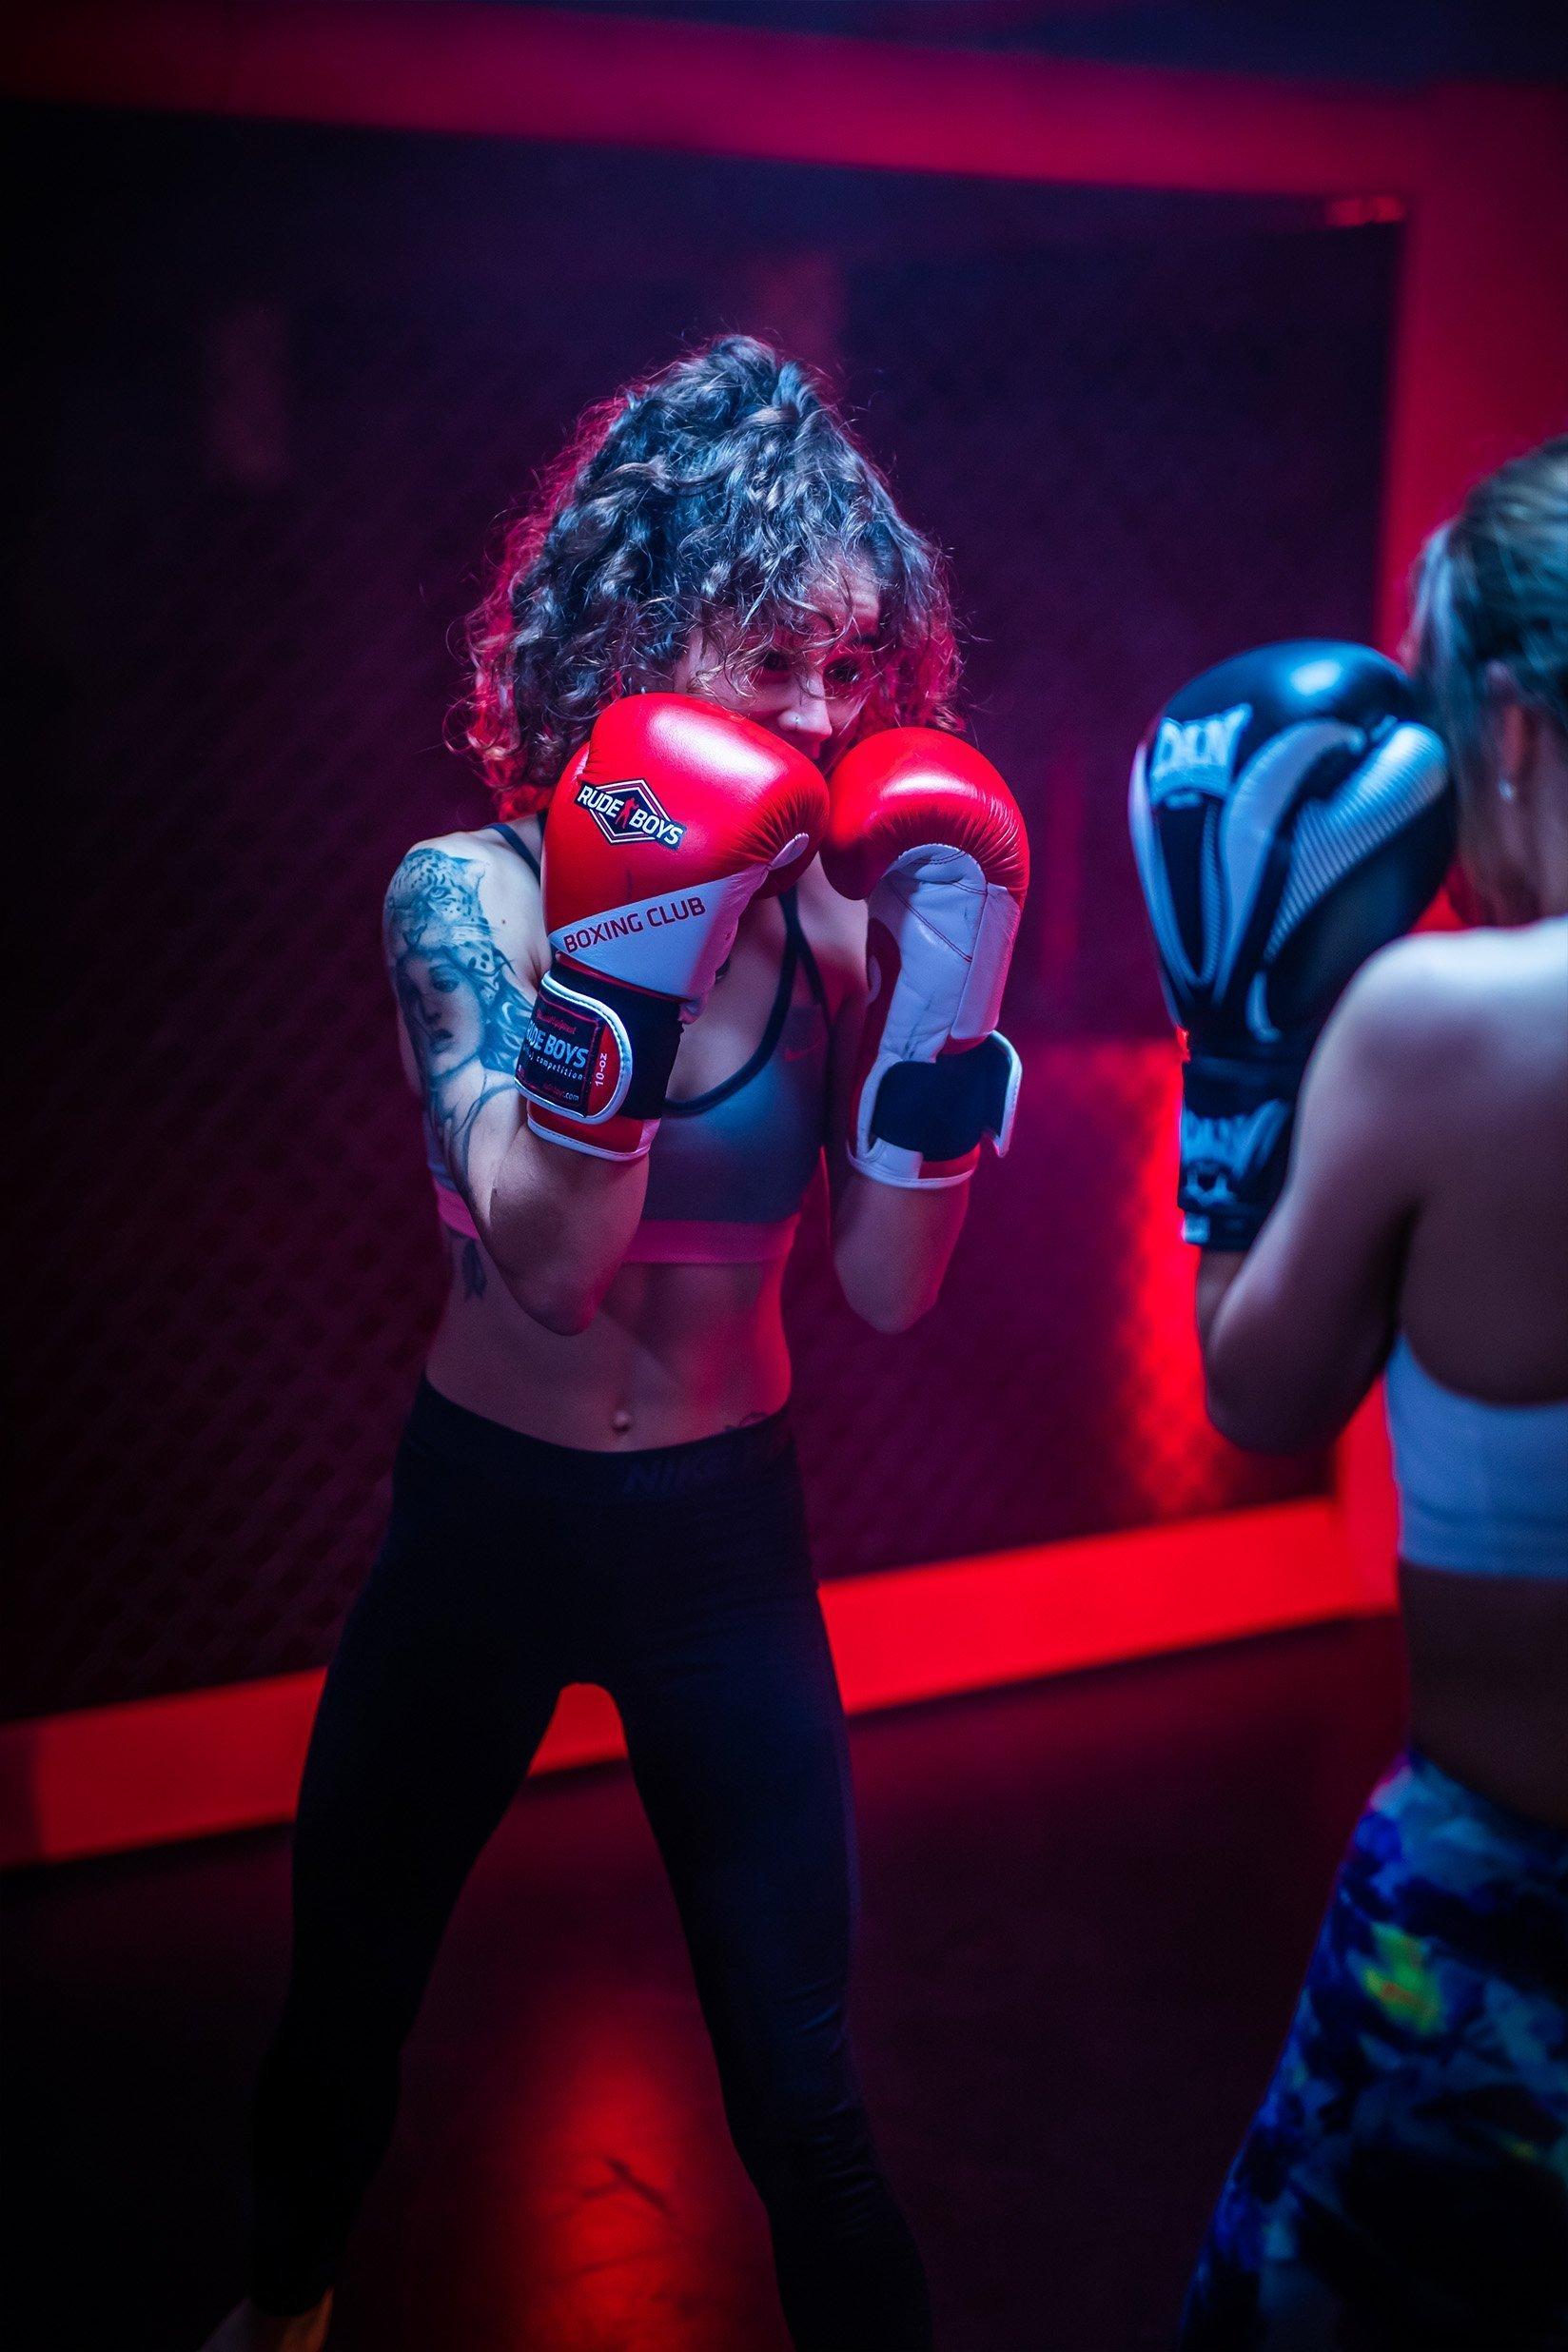 fotografía deportiva Linzex Studios - Fotografía Profesional